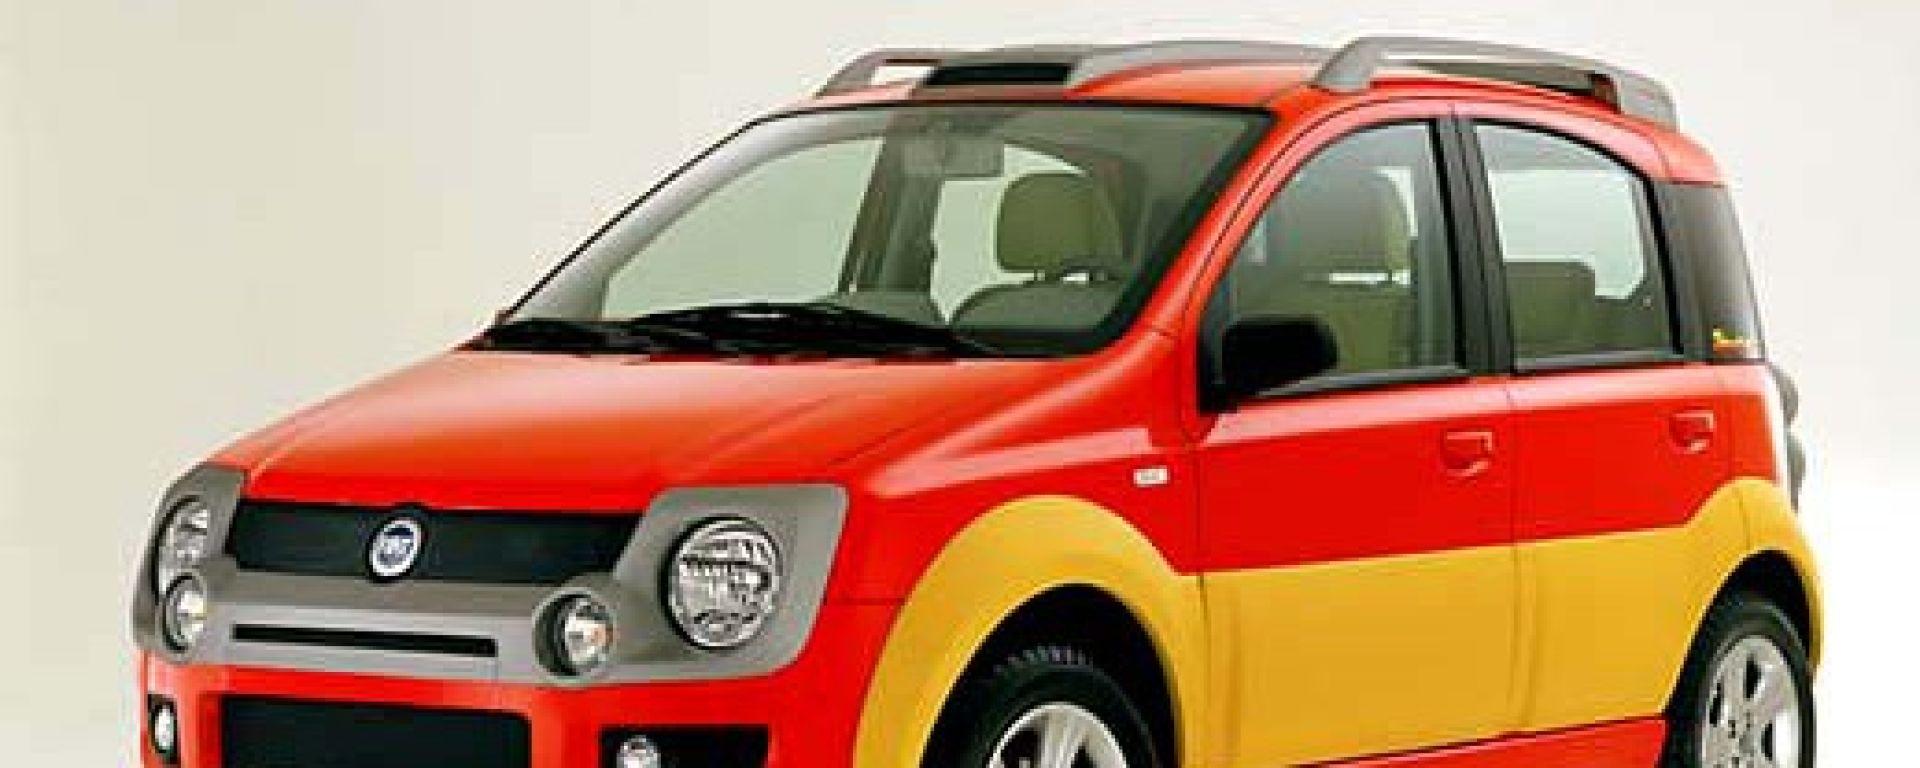 Anteprima: Fiat Nuova Panda SUV